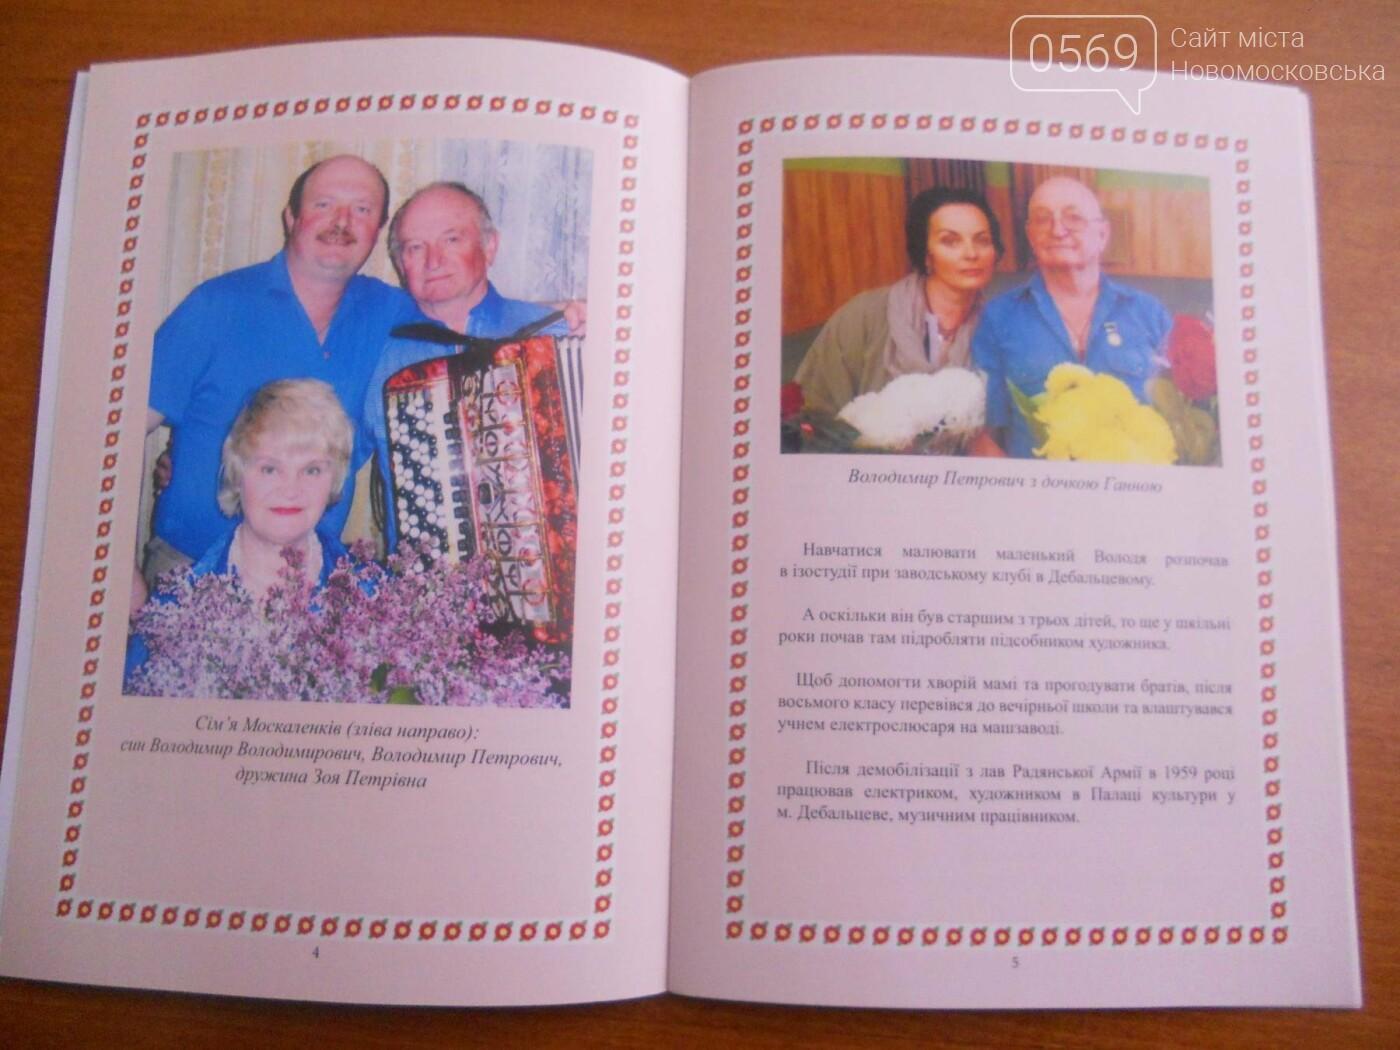 В Новомосковську видали книгу, присвячену відомому митцю, фото-2